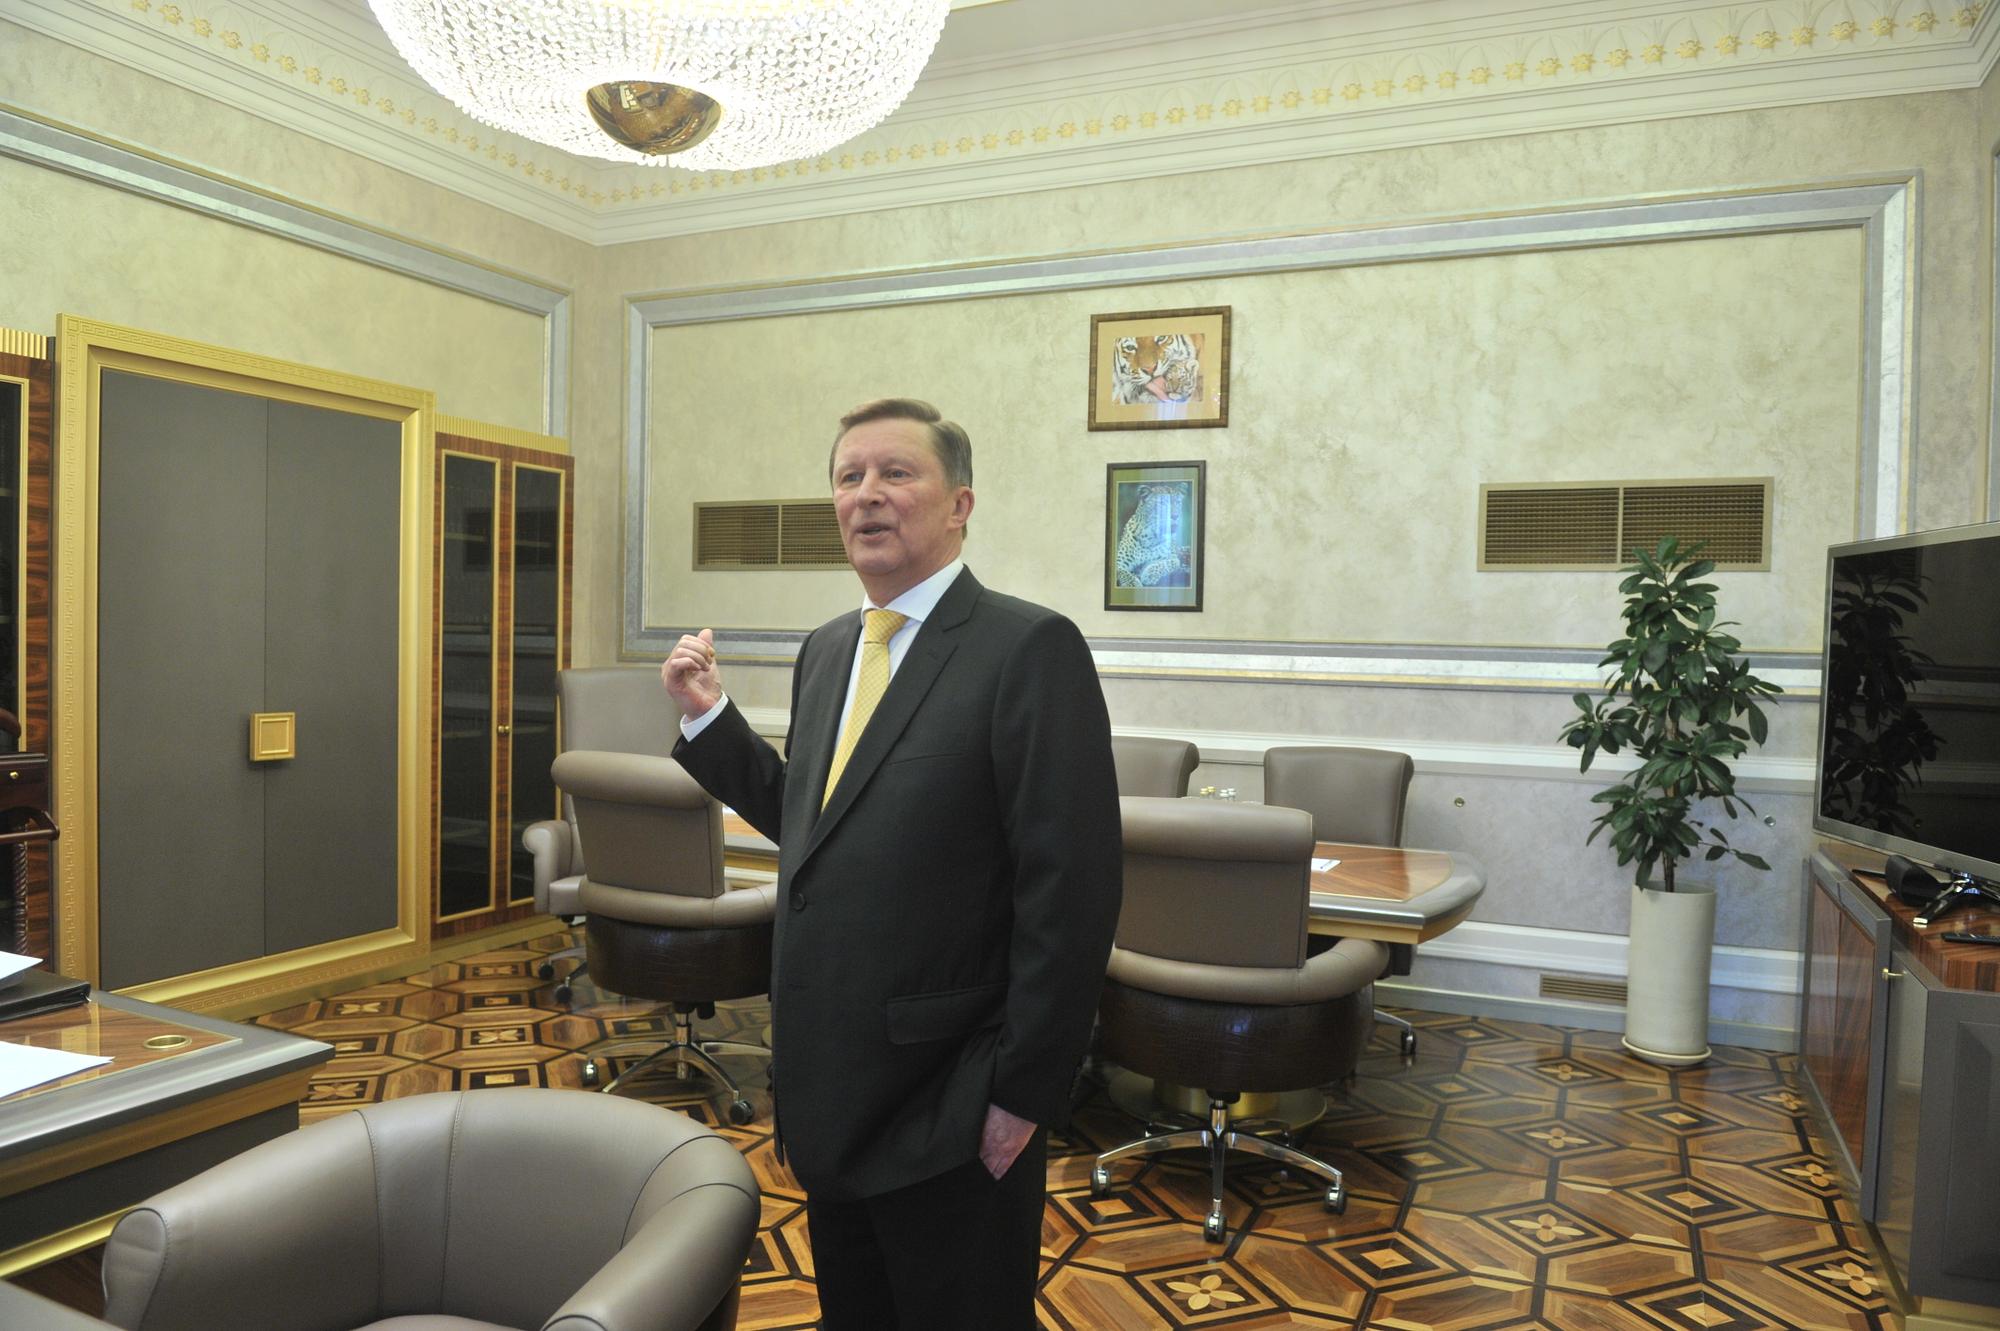 Сергей Иванов: В России нет ни одного современного мусороперерабатывающего завода.